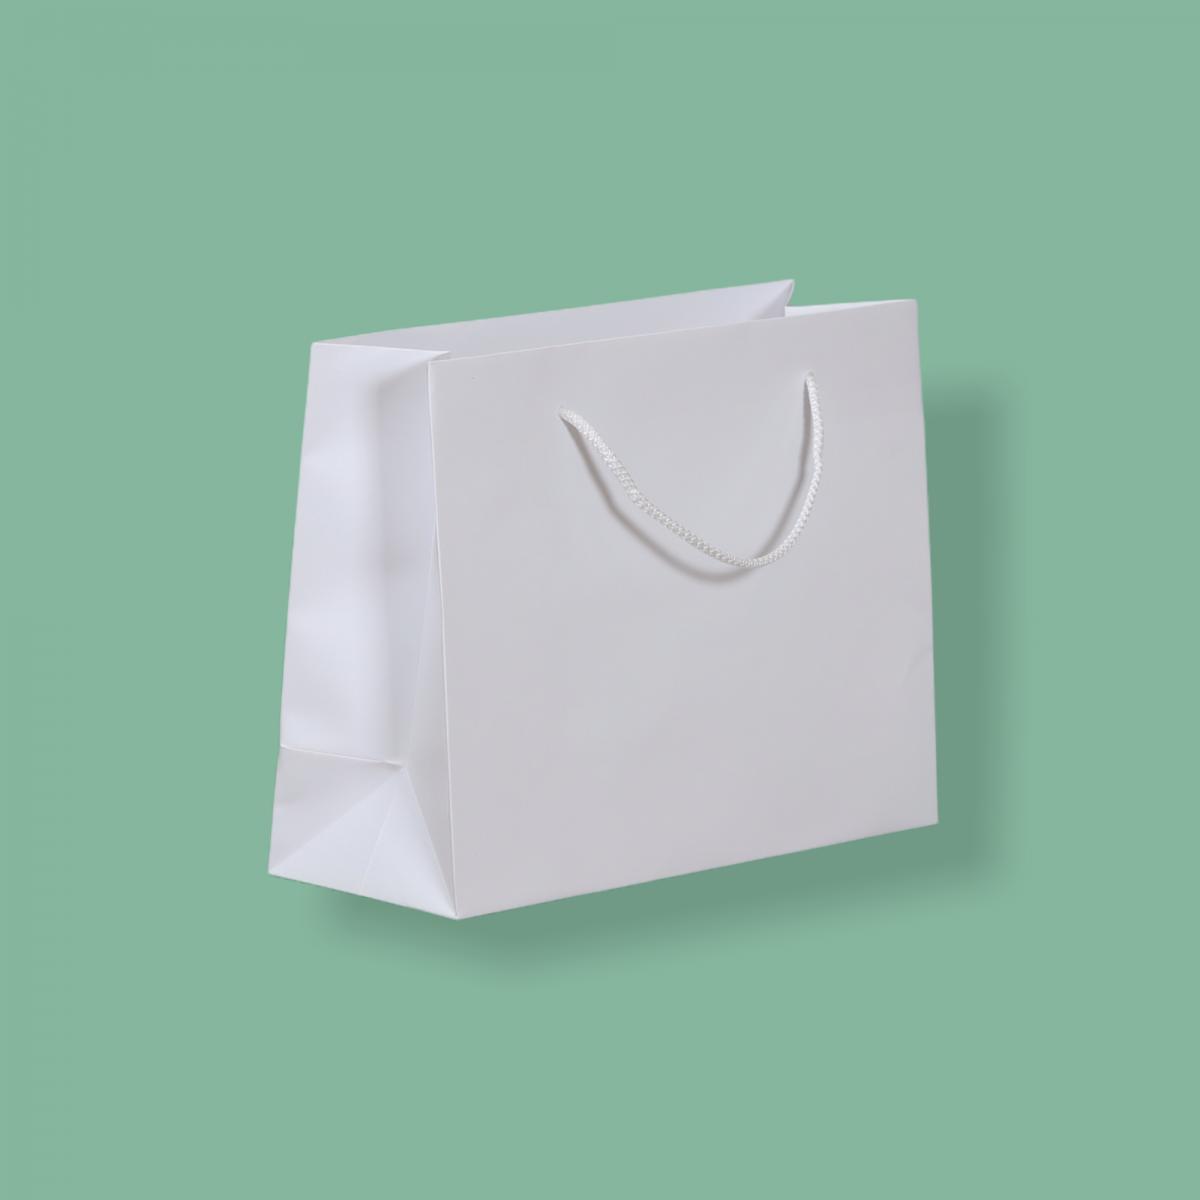 Zsinórfüles fehér simított kraft  30,5 x 24 + 11,5 cm